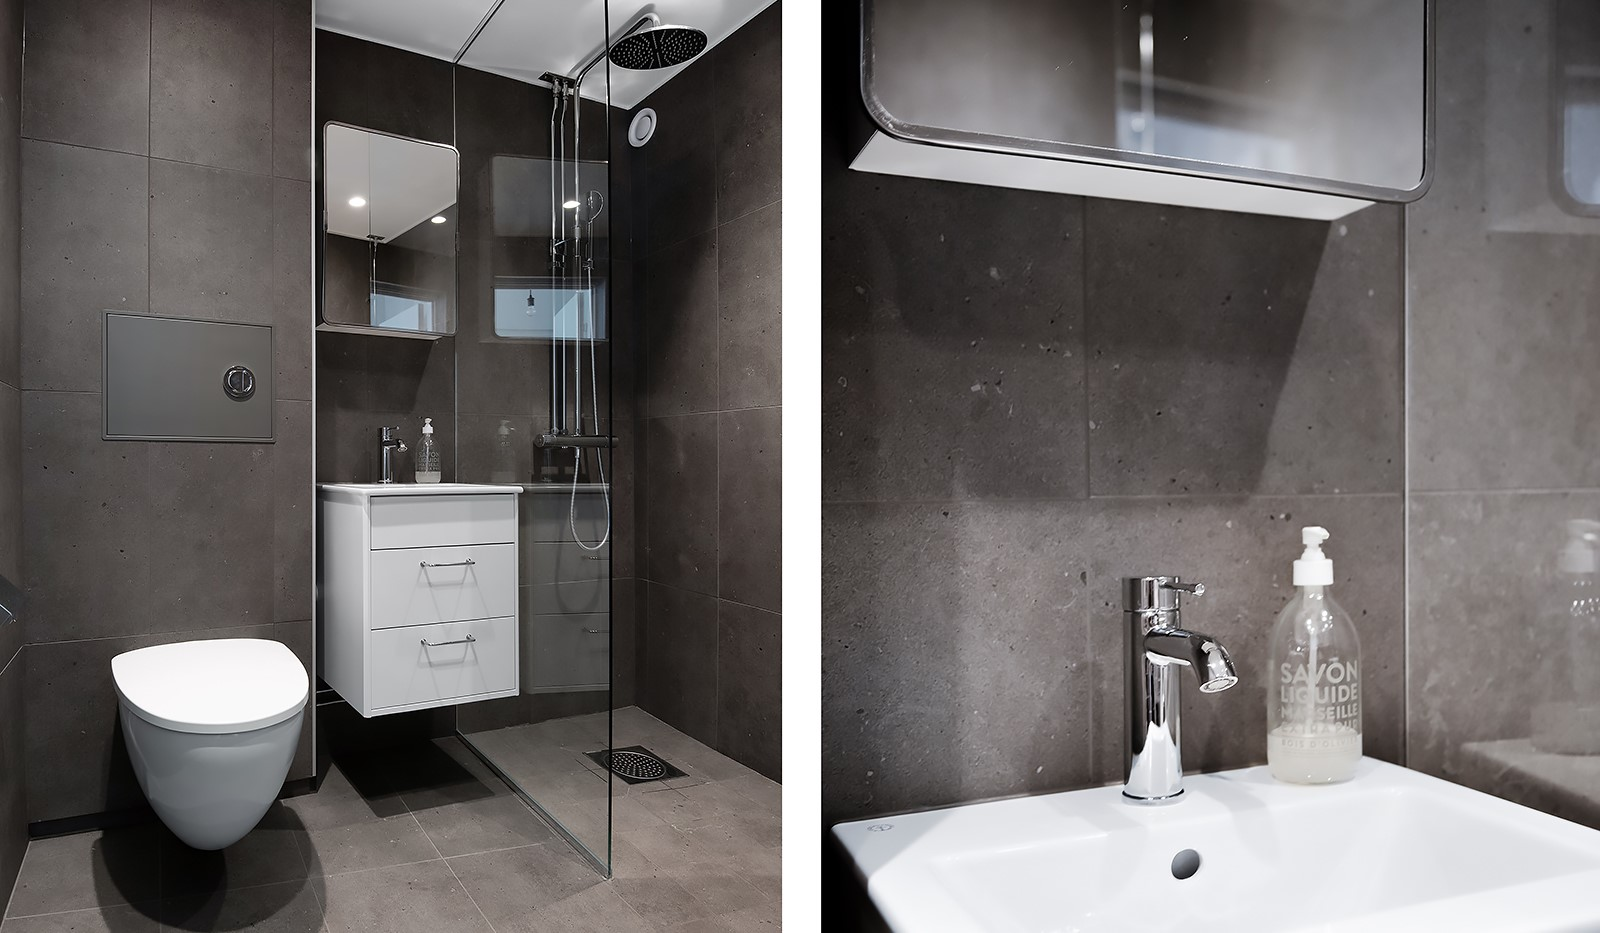 Flintbacken 10, 6 tr - Lyxigt badrum - hotellkänsla